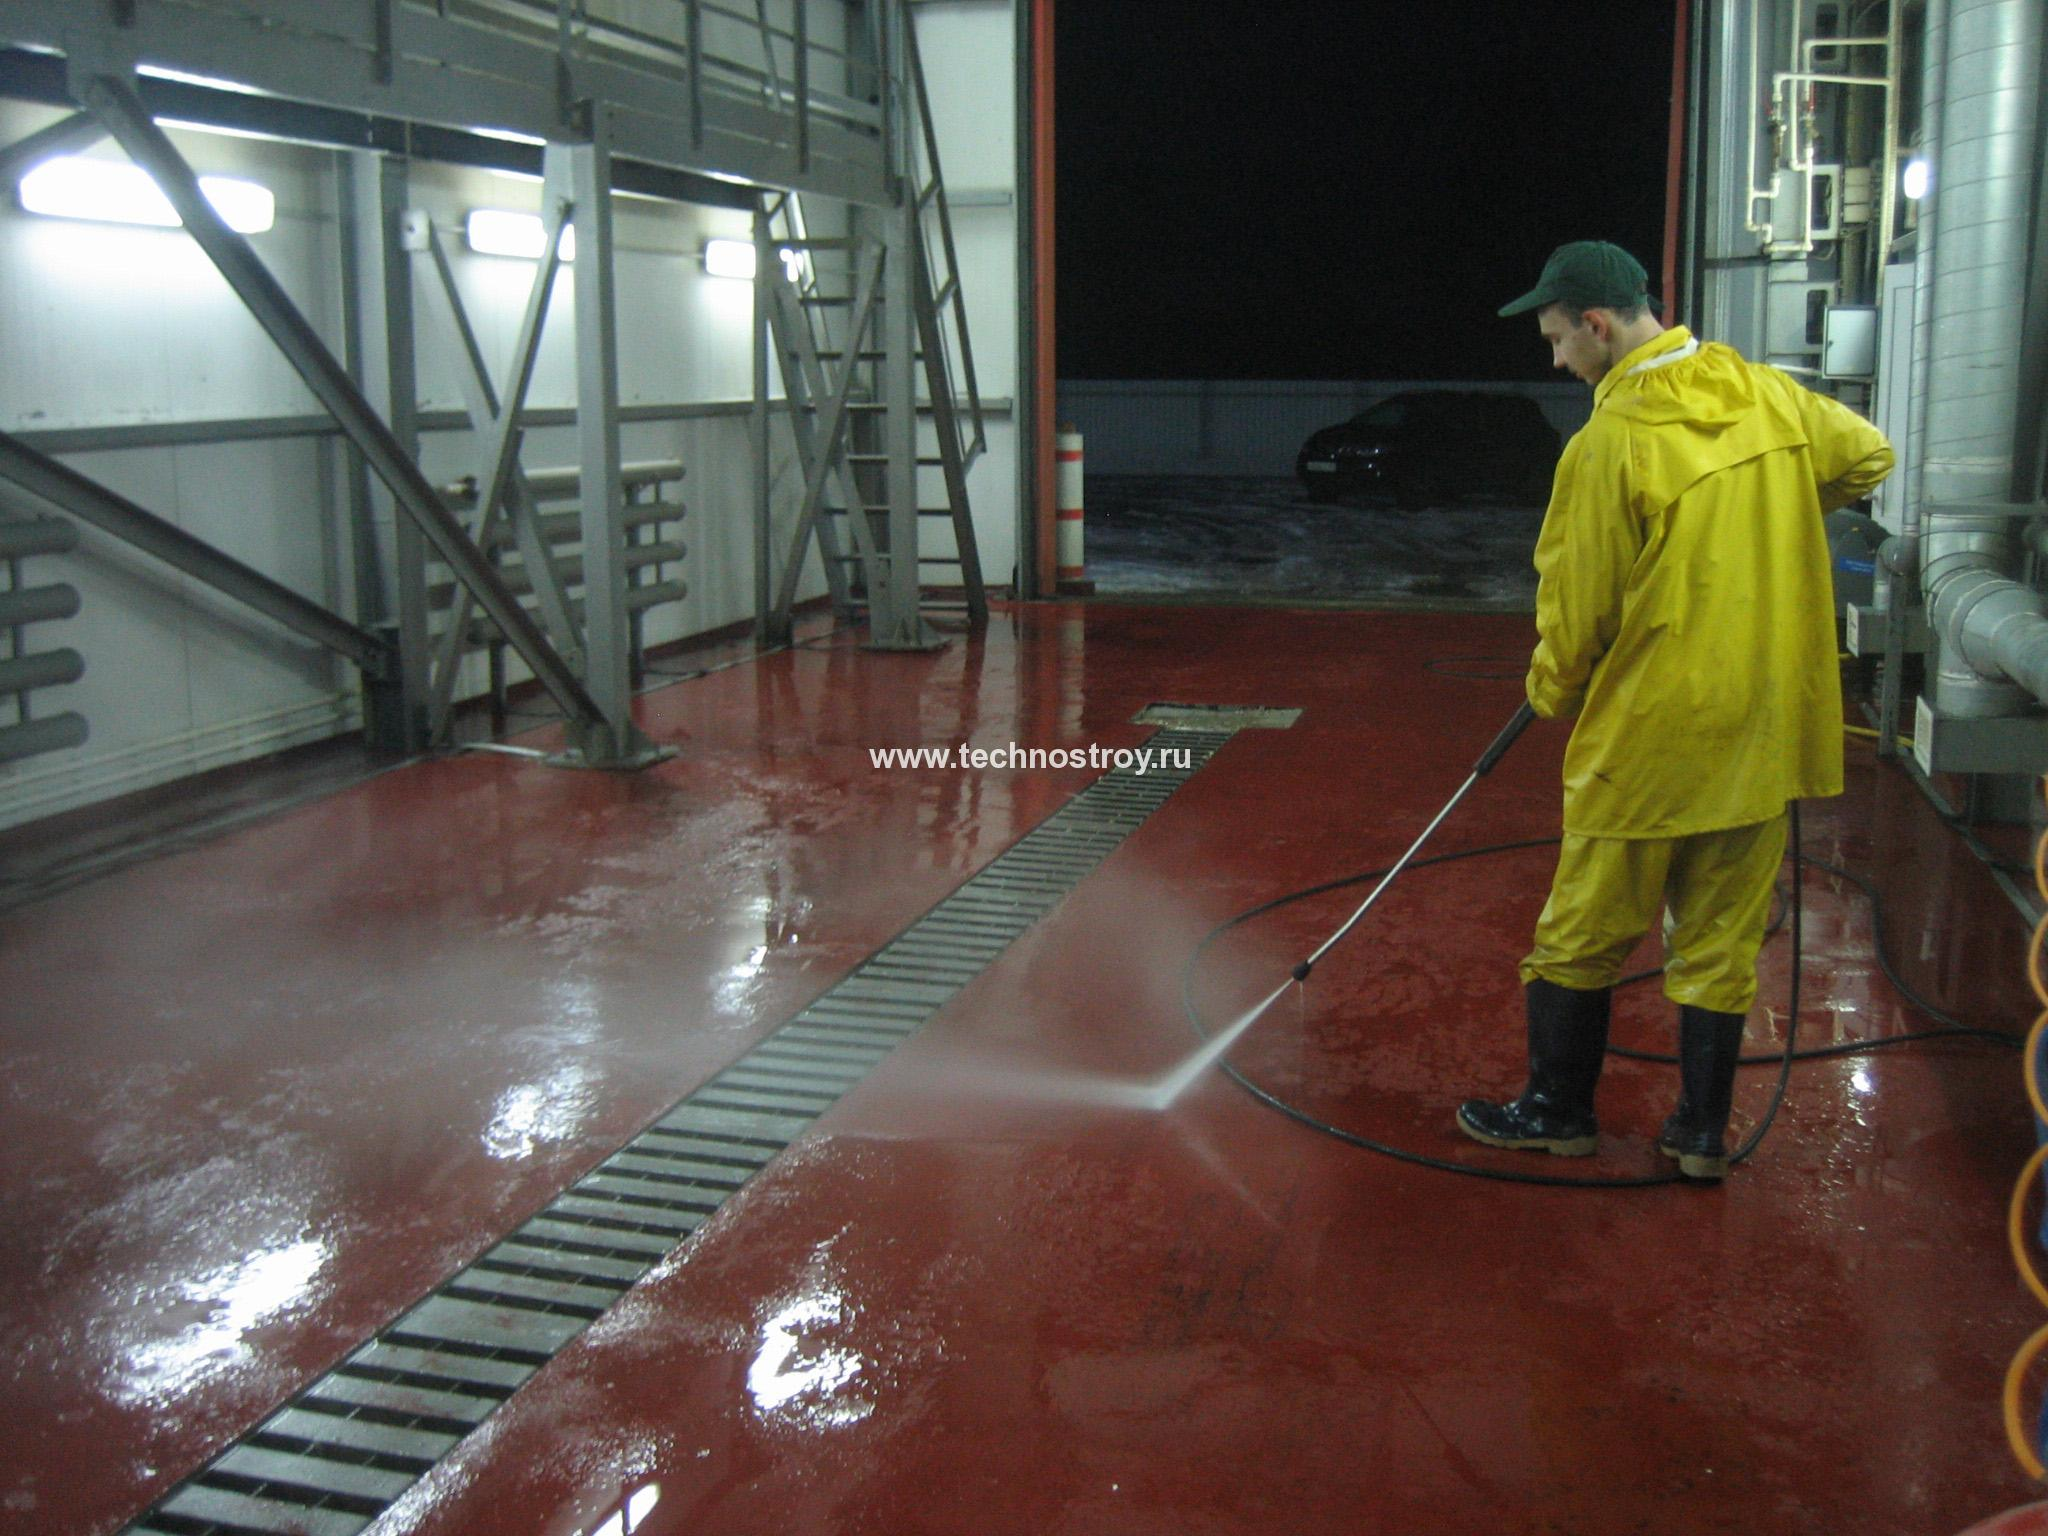 Наливные полы брянск компании бетоноконтакт акримакс люкс